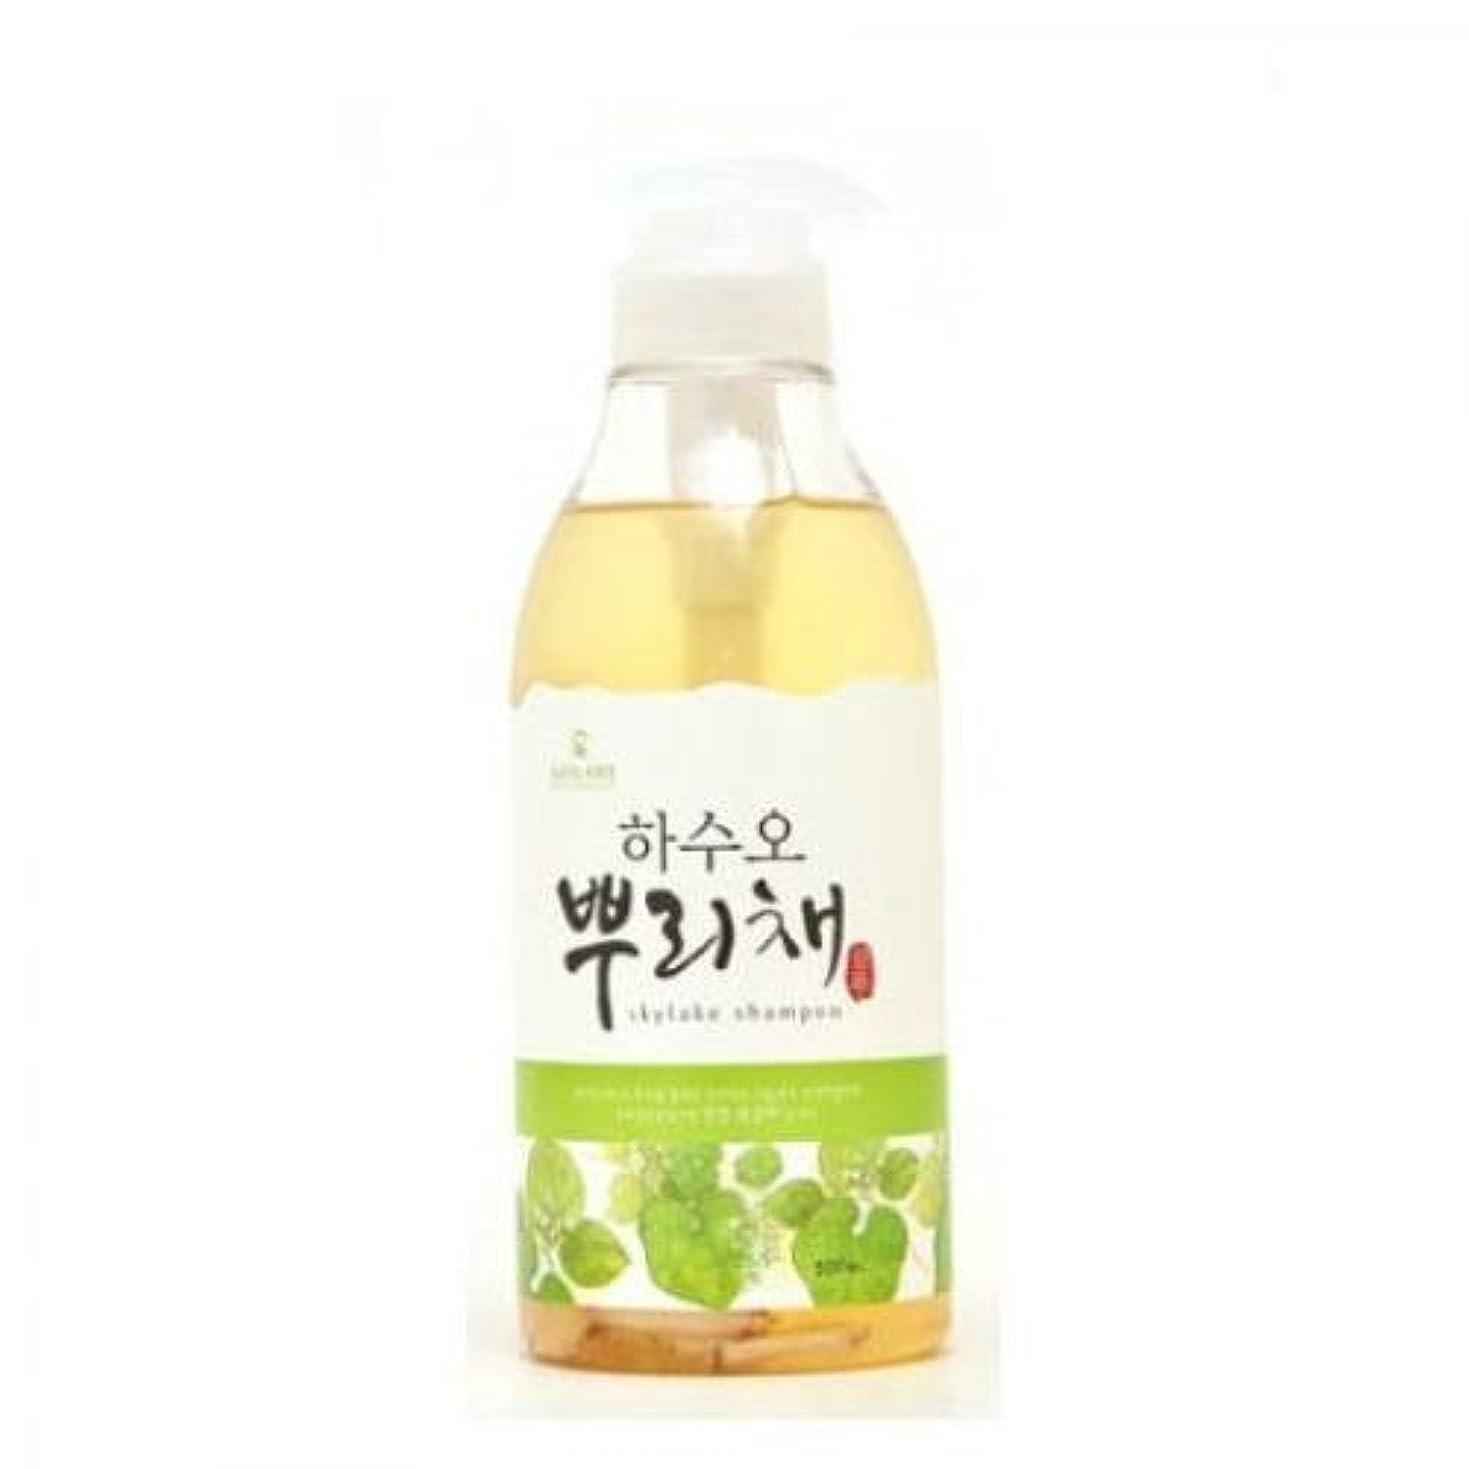 偏心偽物メタルラインSkylake Oriental Herb Cool Shampoo (Korean original)